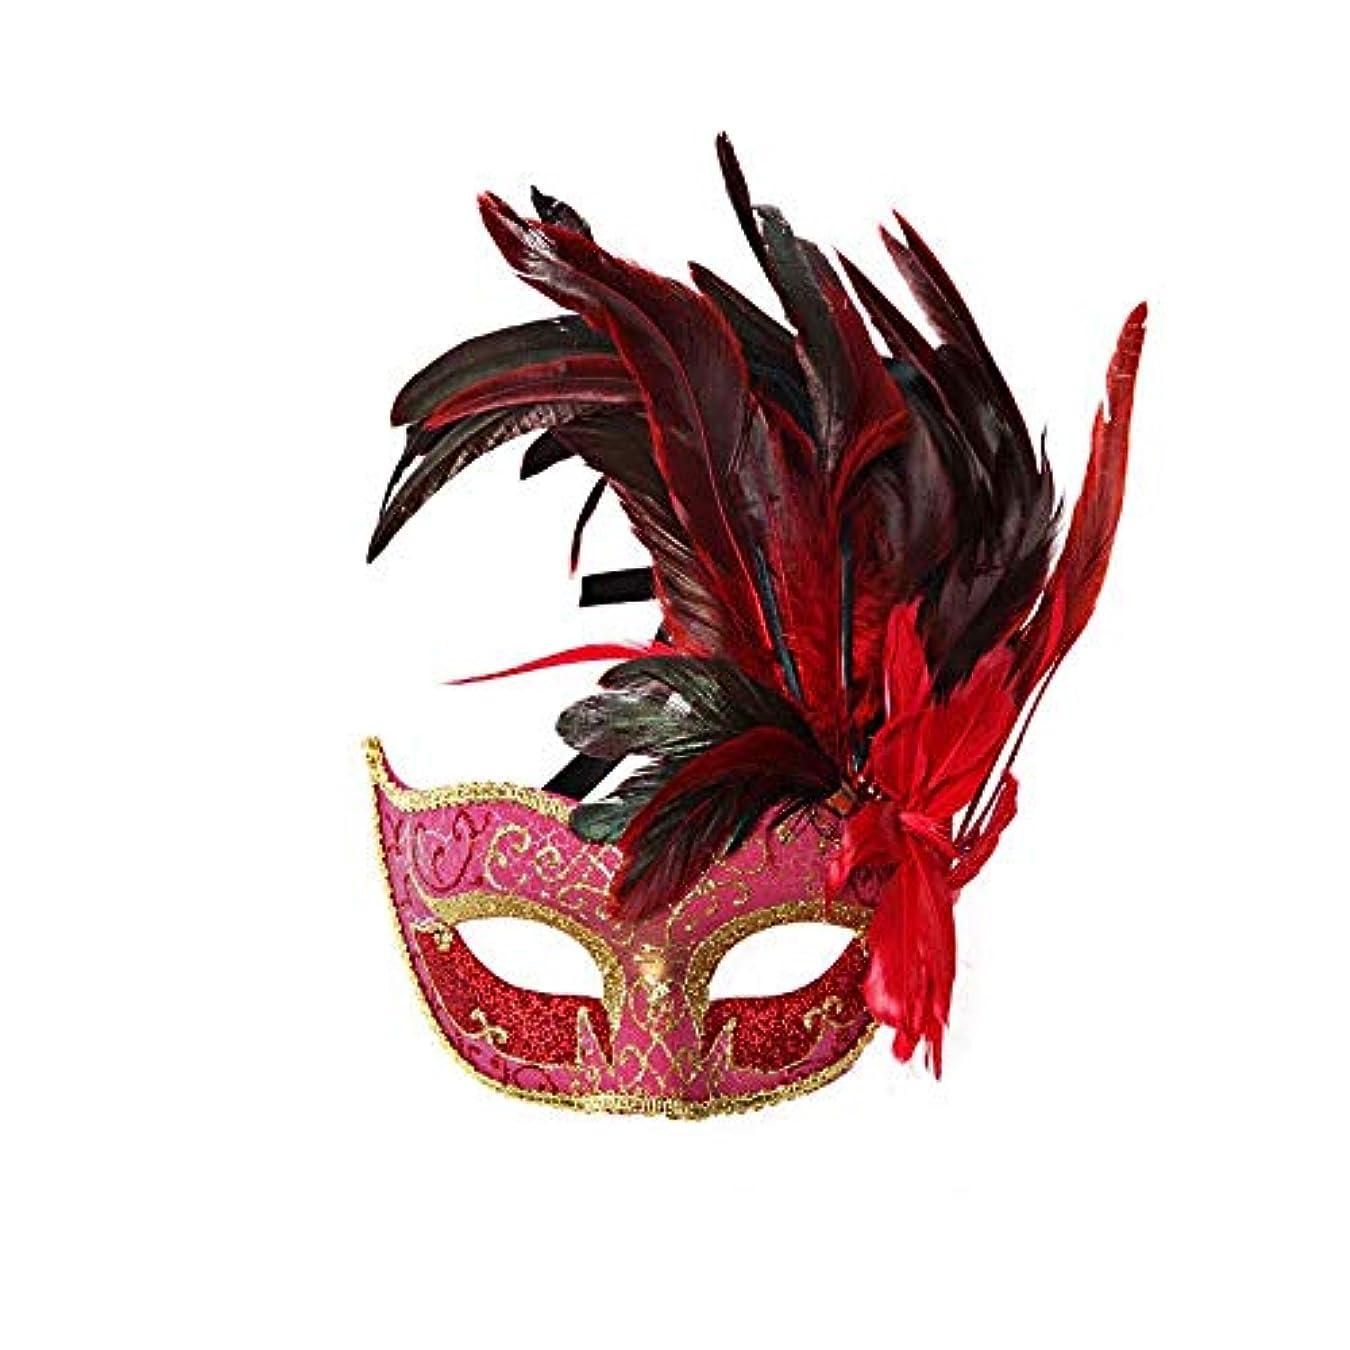 ブートがっかりした私達Nanle ハロウィンマスクハーフフェザーマスクベニスプリンセスマスク美容レース仮面ライダーコスプレ (色 : Style A red)